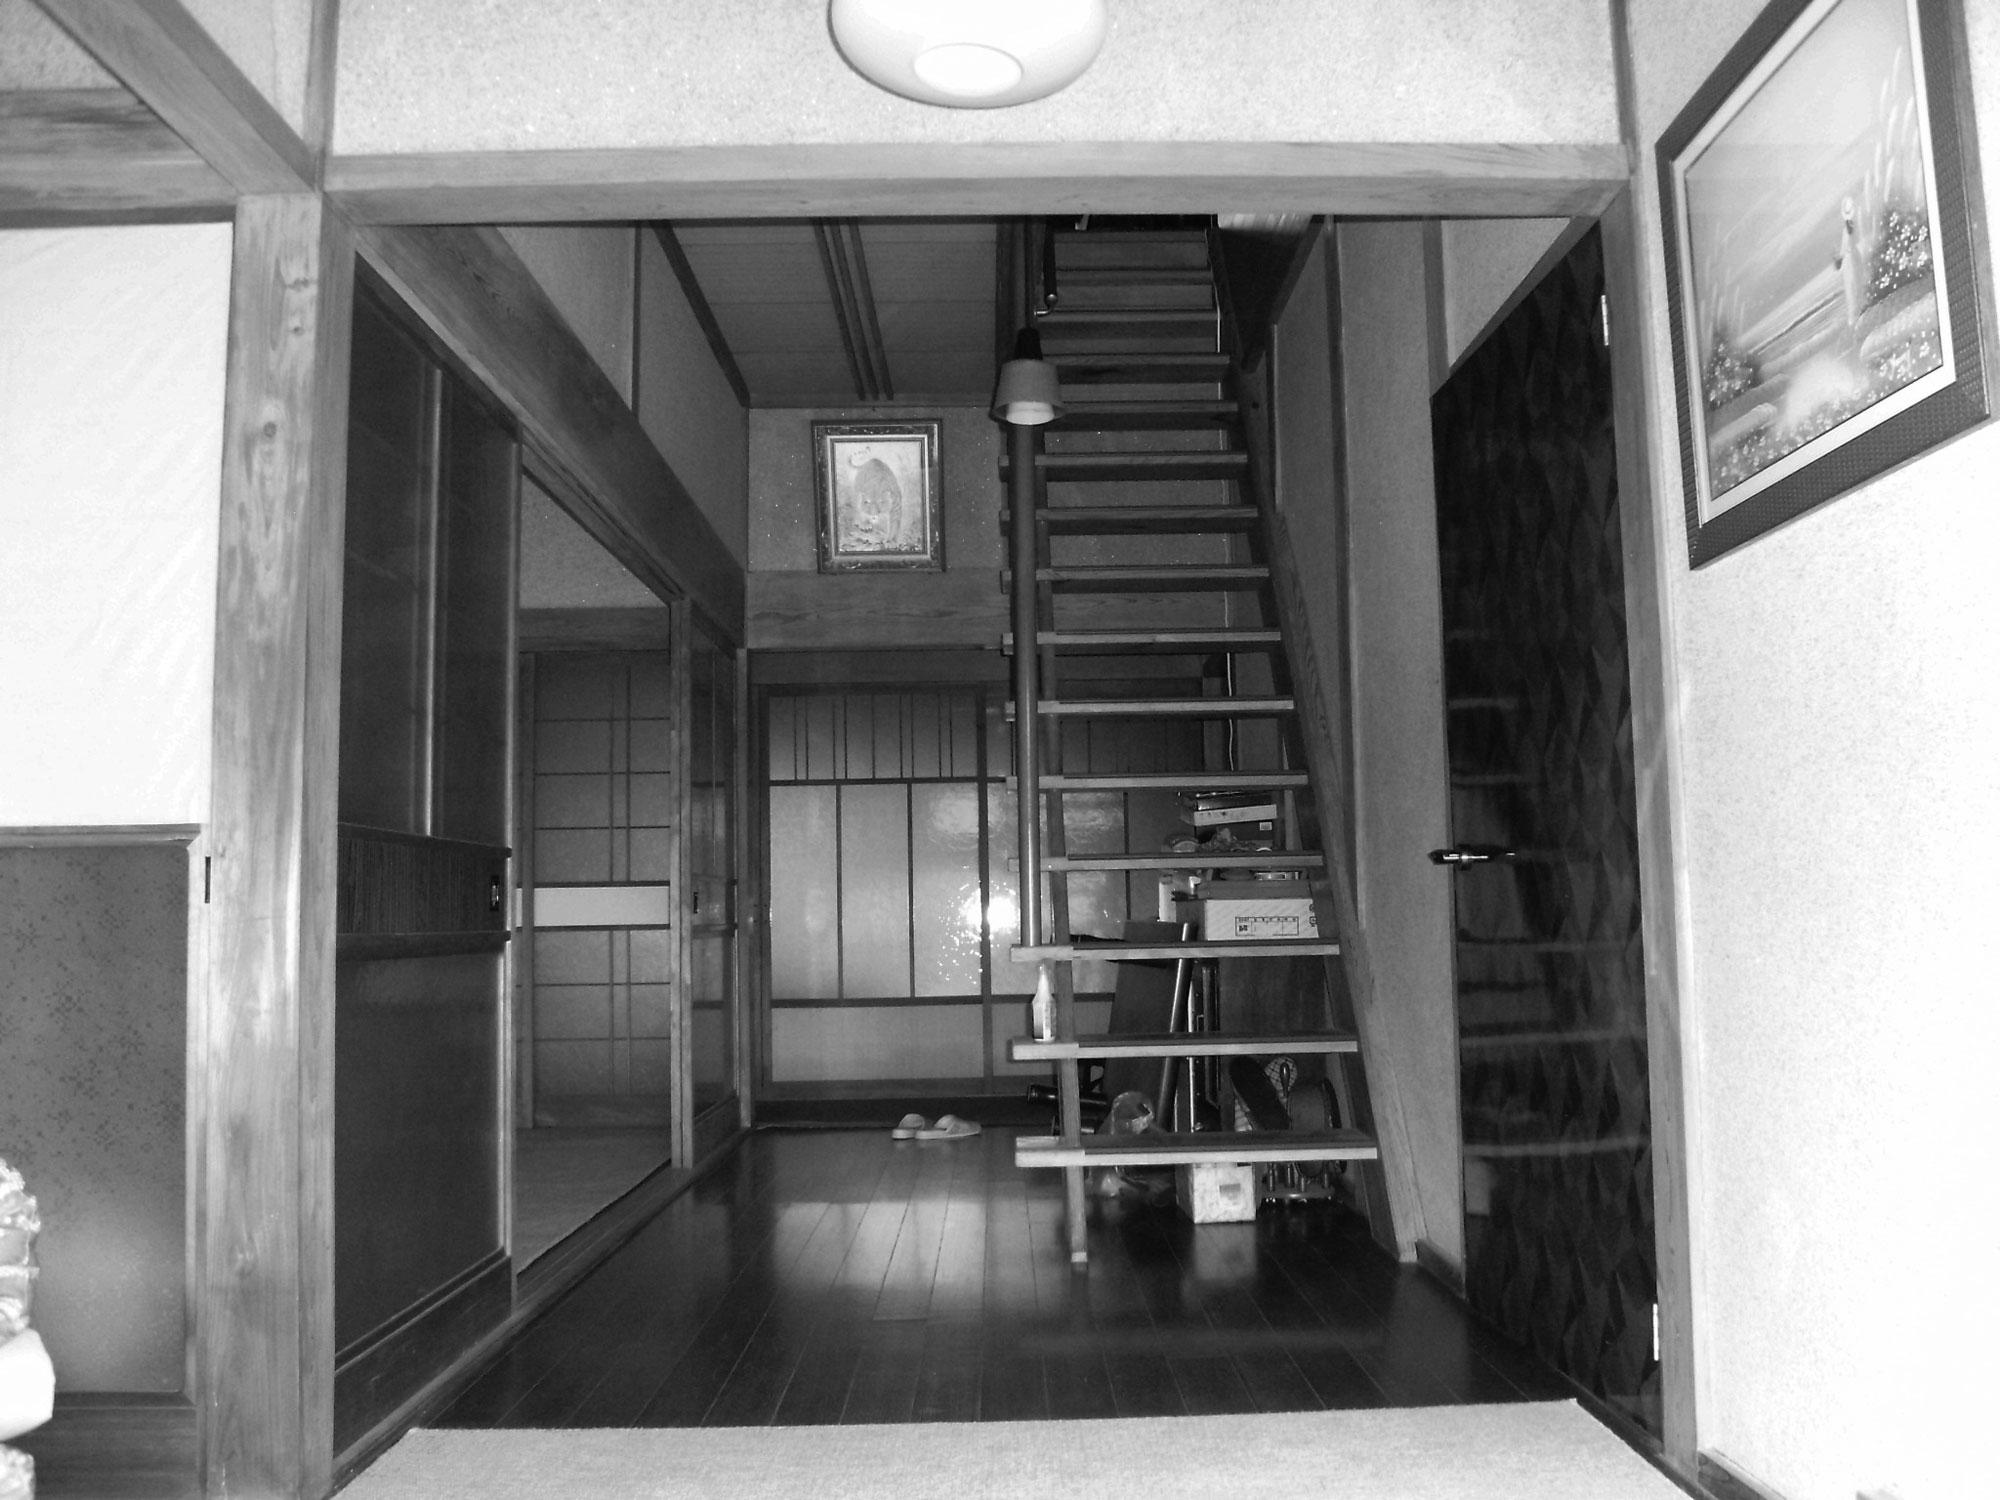 before かつての玄関ホール。階段をリビング内へ移動する提案に感心されたそうです。